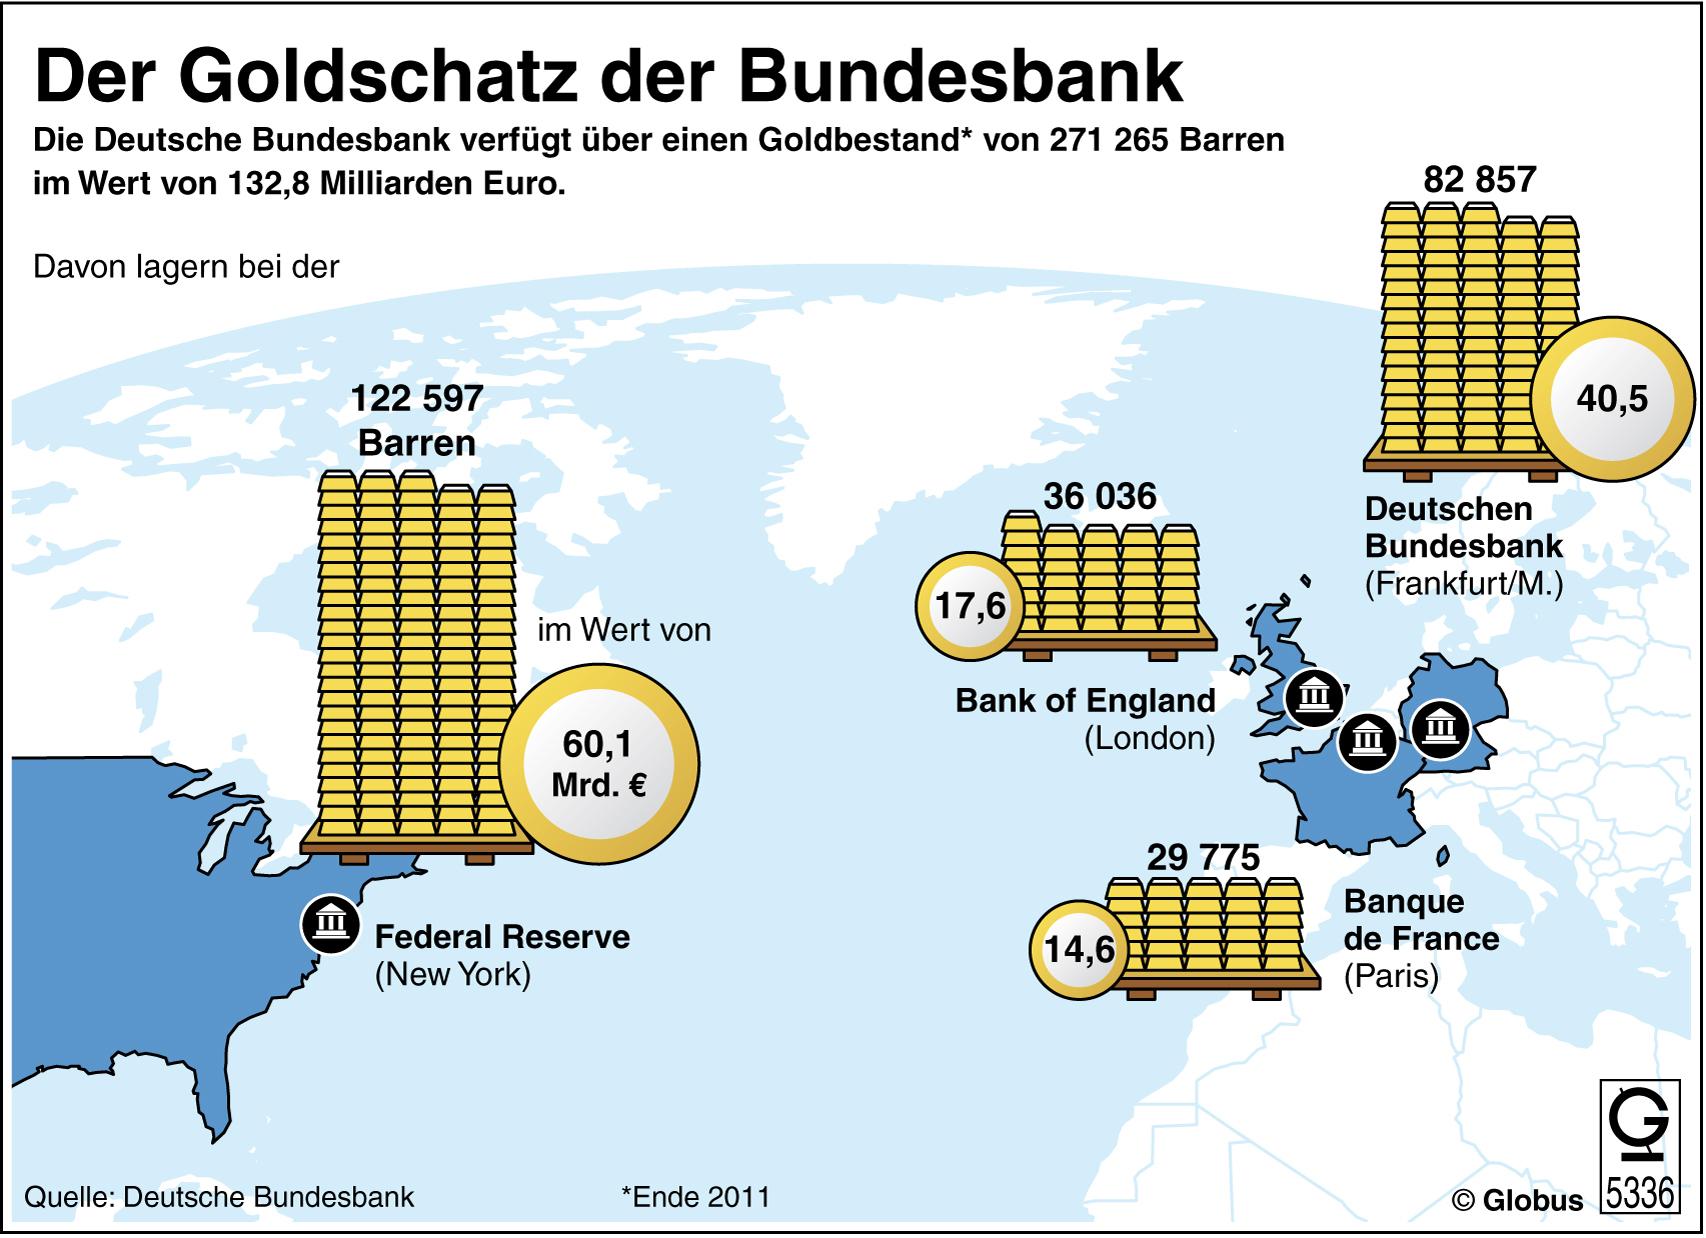 Der Goldschatz der Bundesbank (15.11.2012)